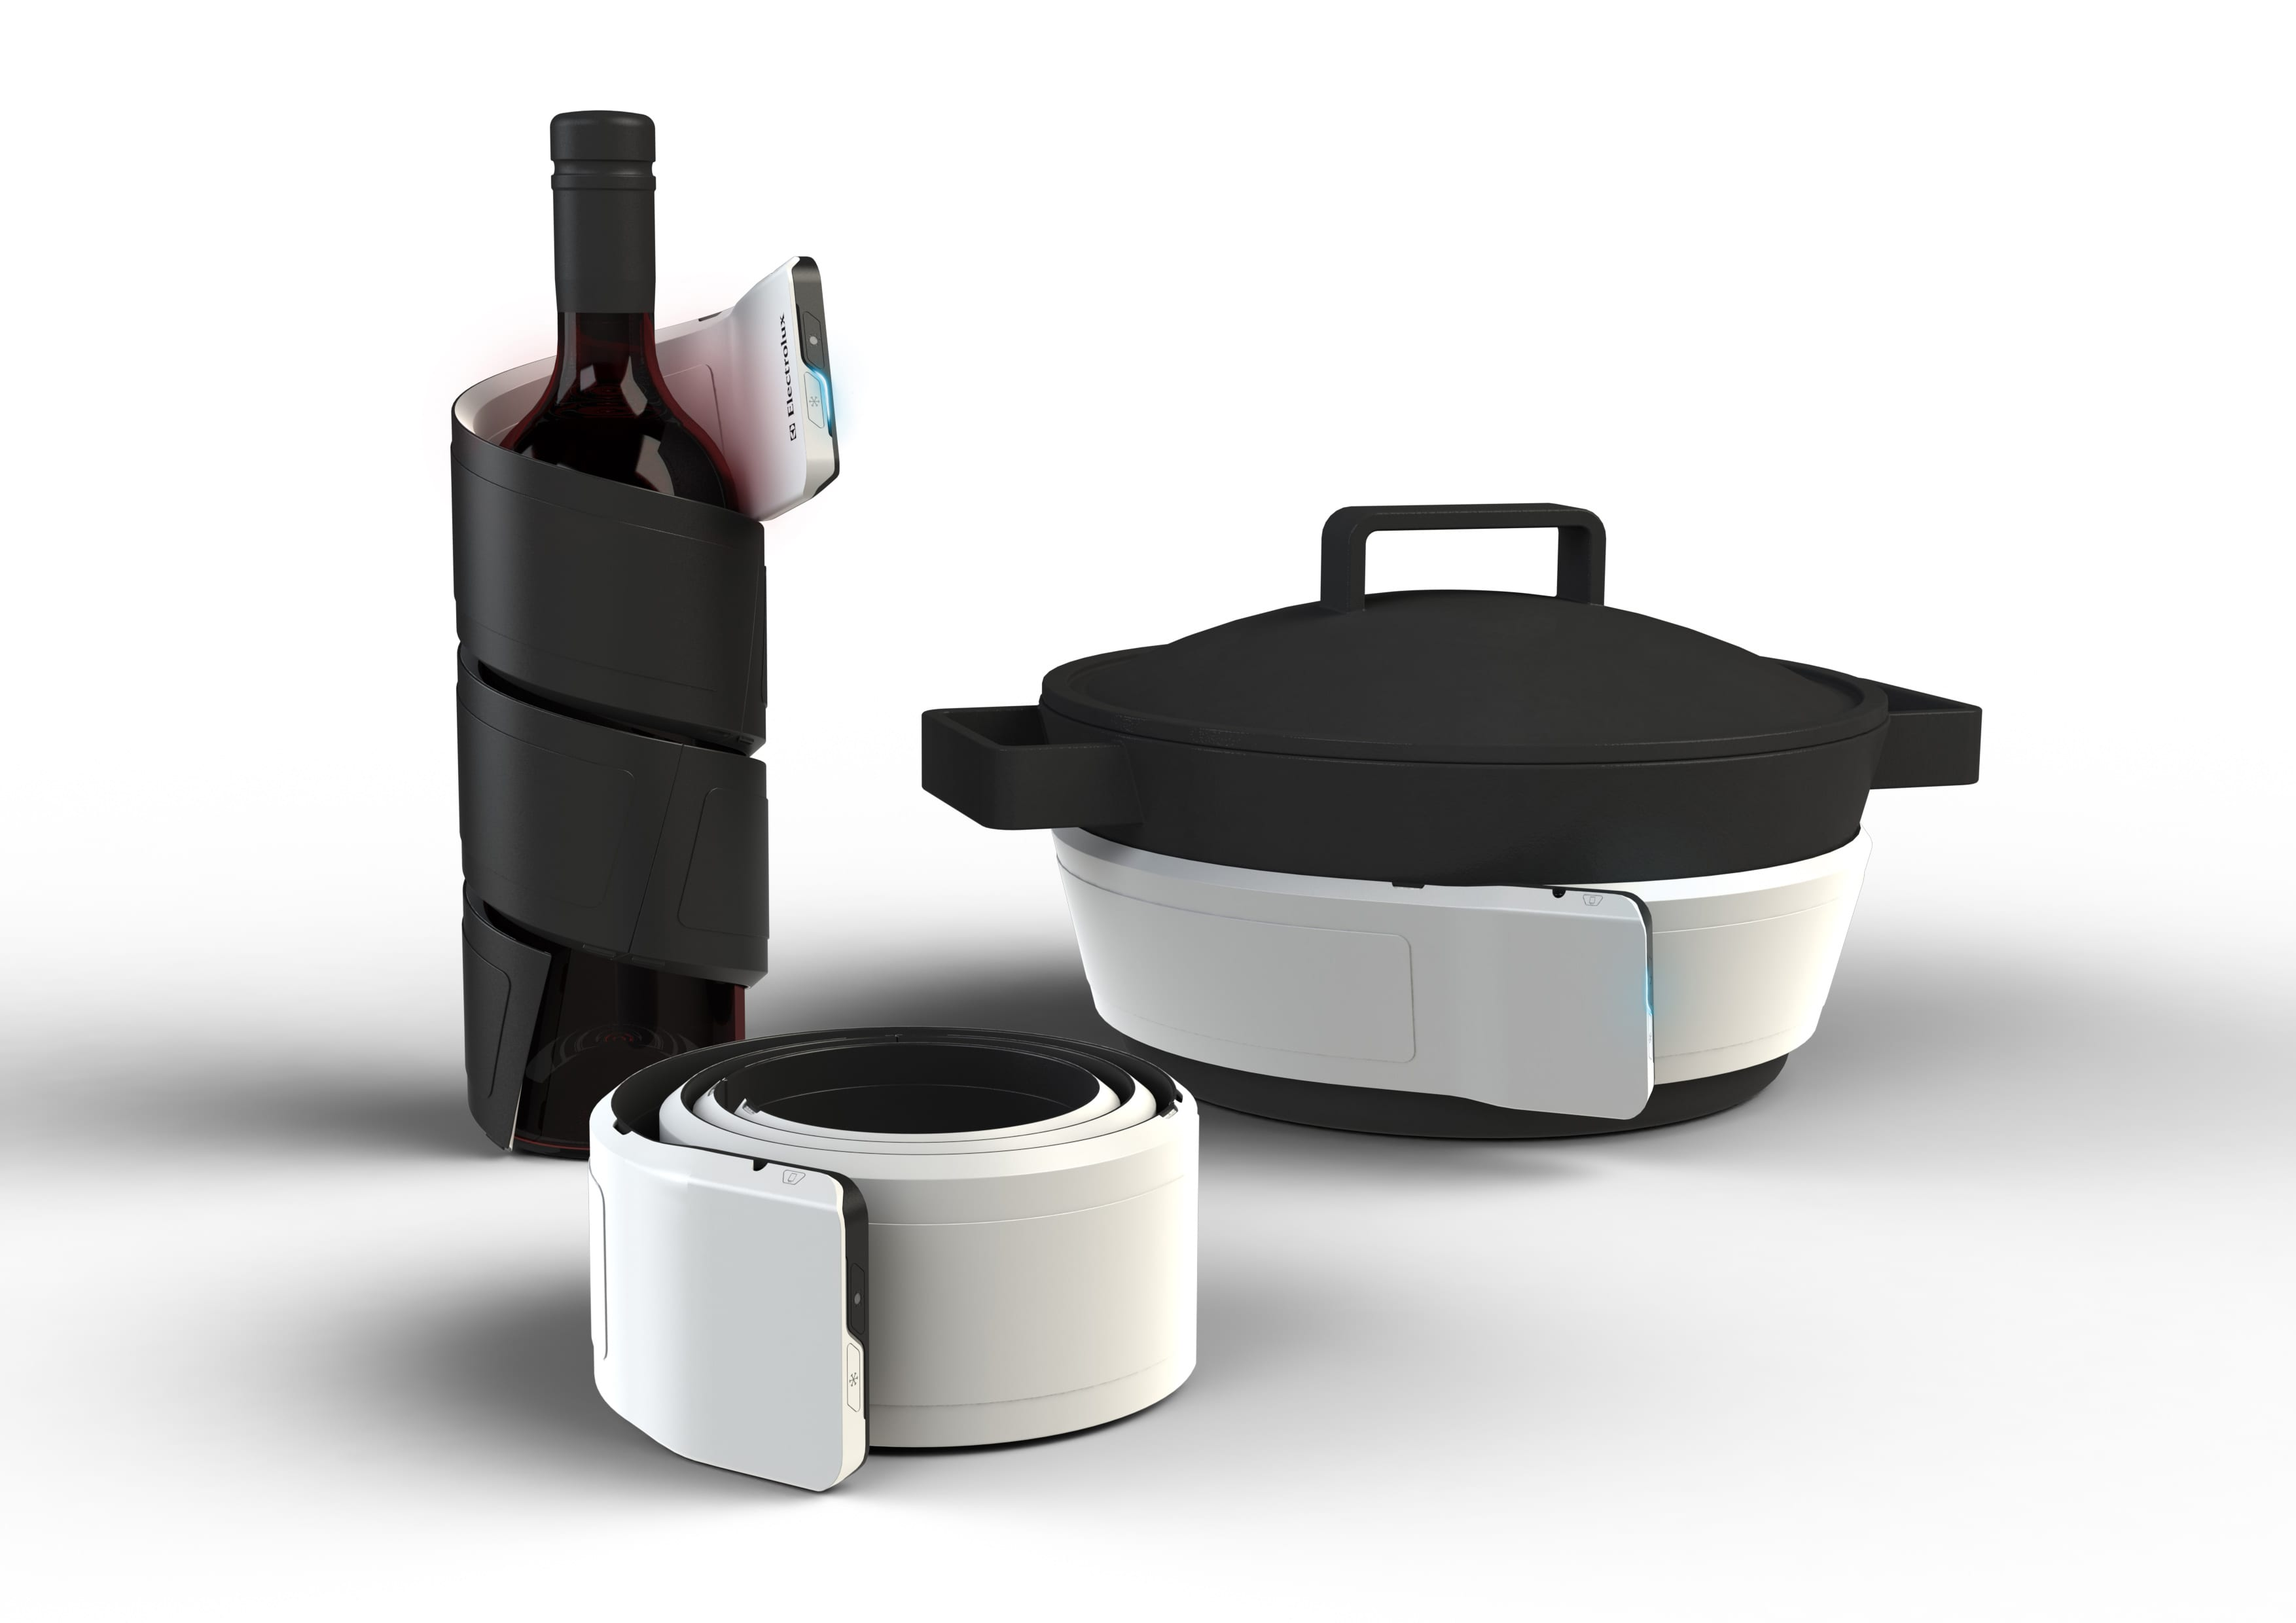 Küche Aktuell   Innovation In Der Küche  Kühler In Weiß Und Schwarz